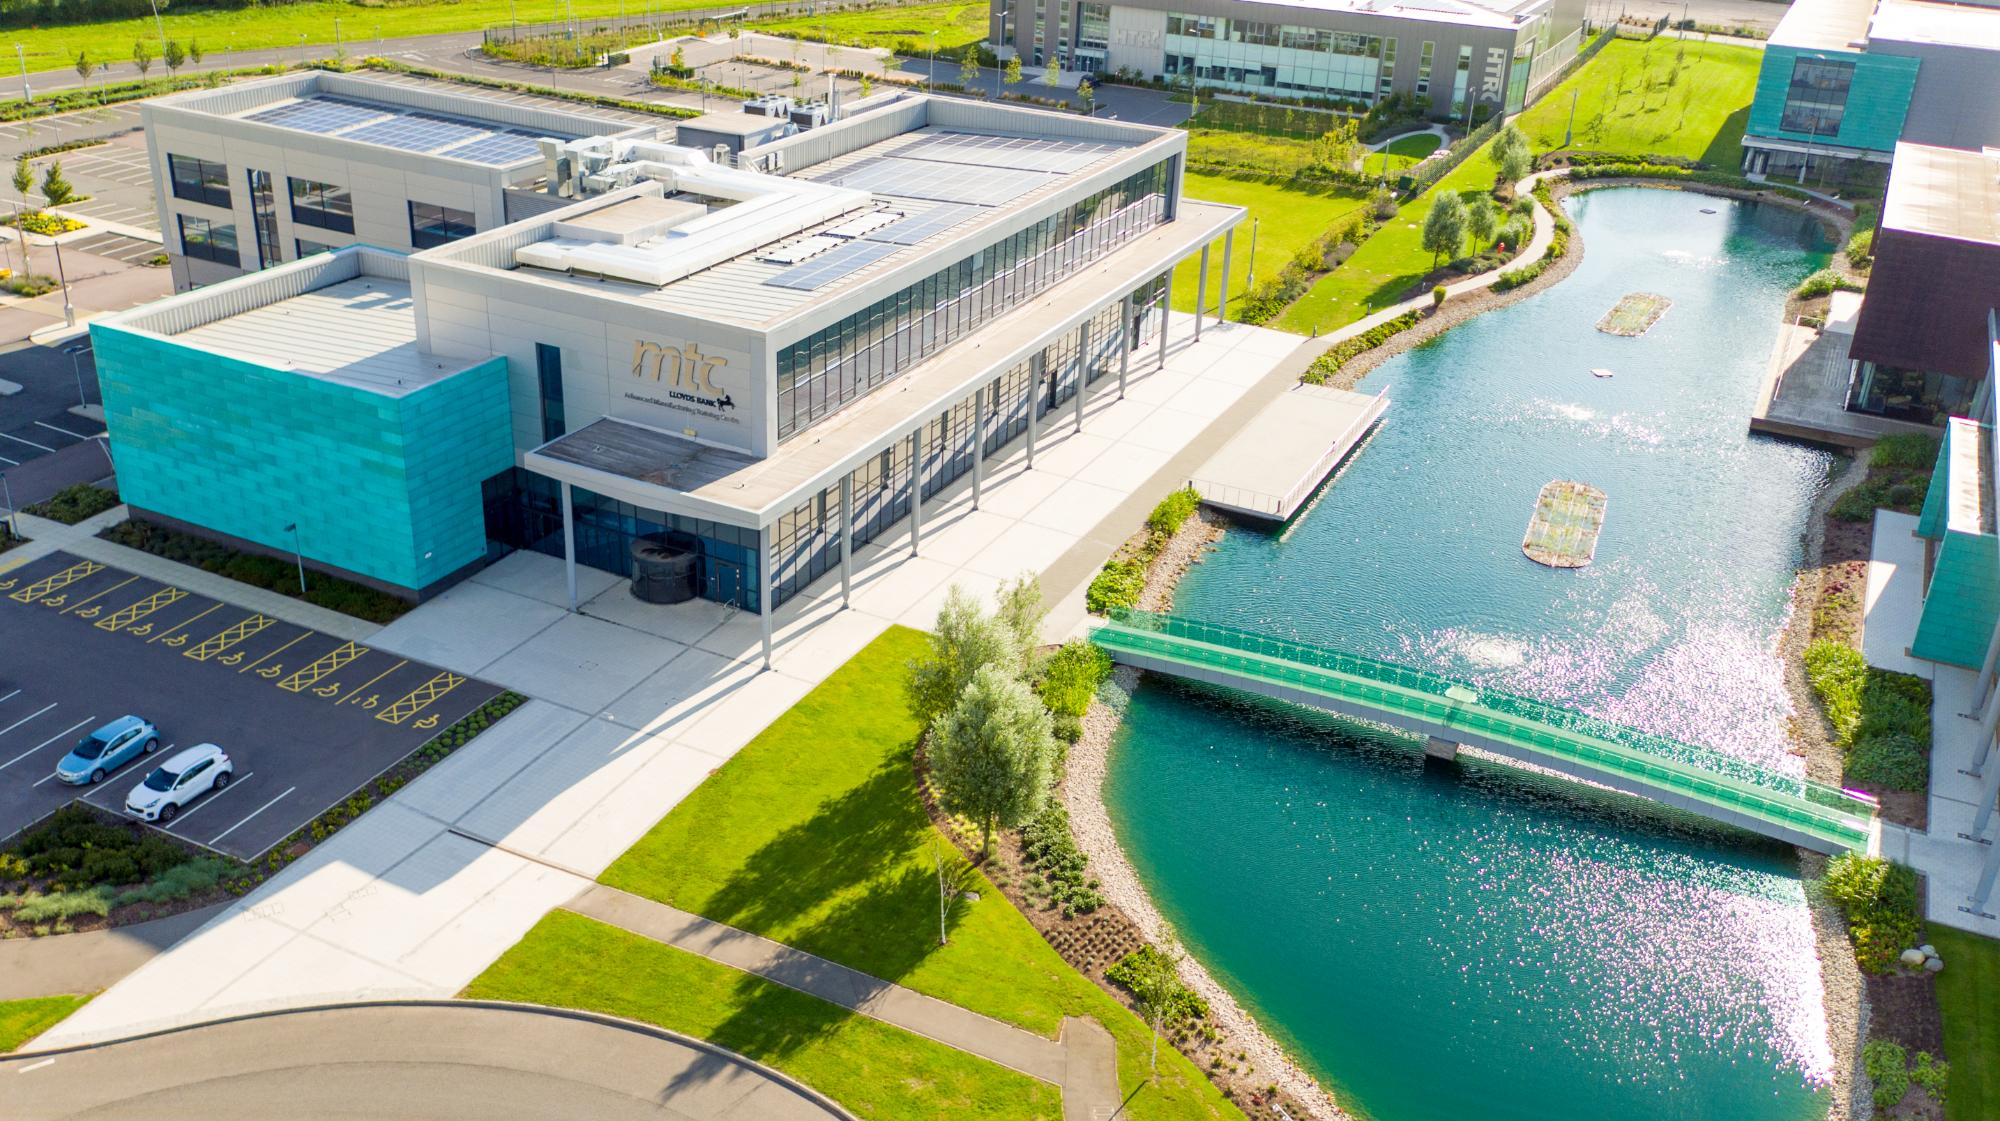 AMTC Aerial Photo